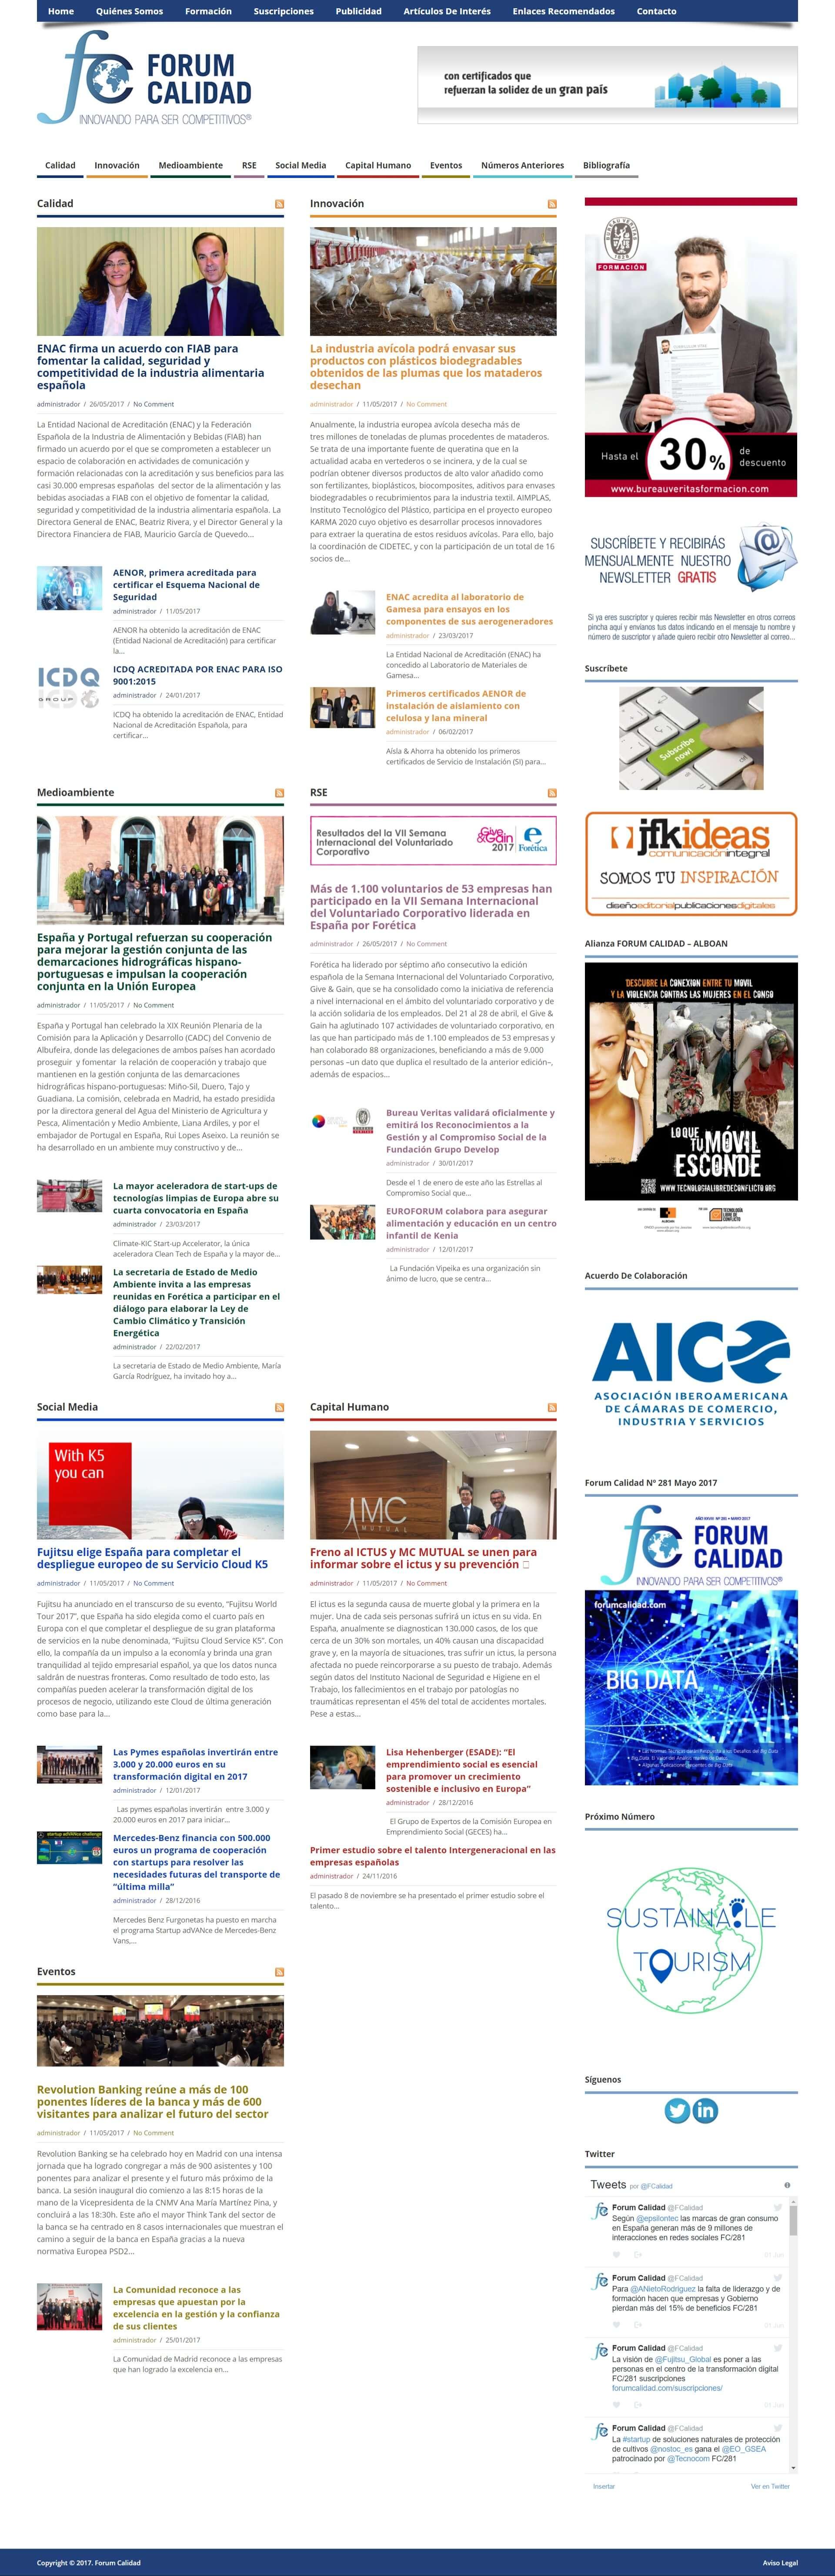 Desarrollo web - forum calidad